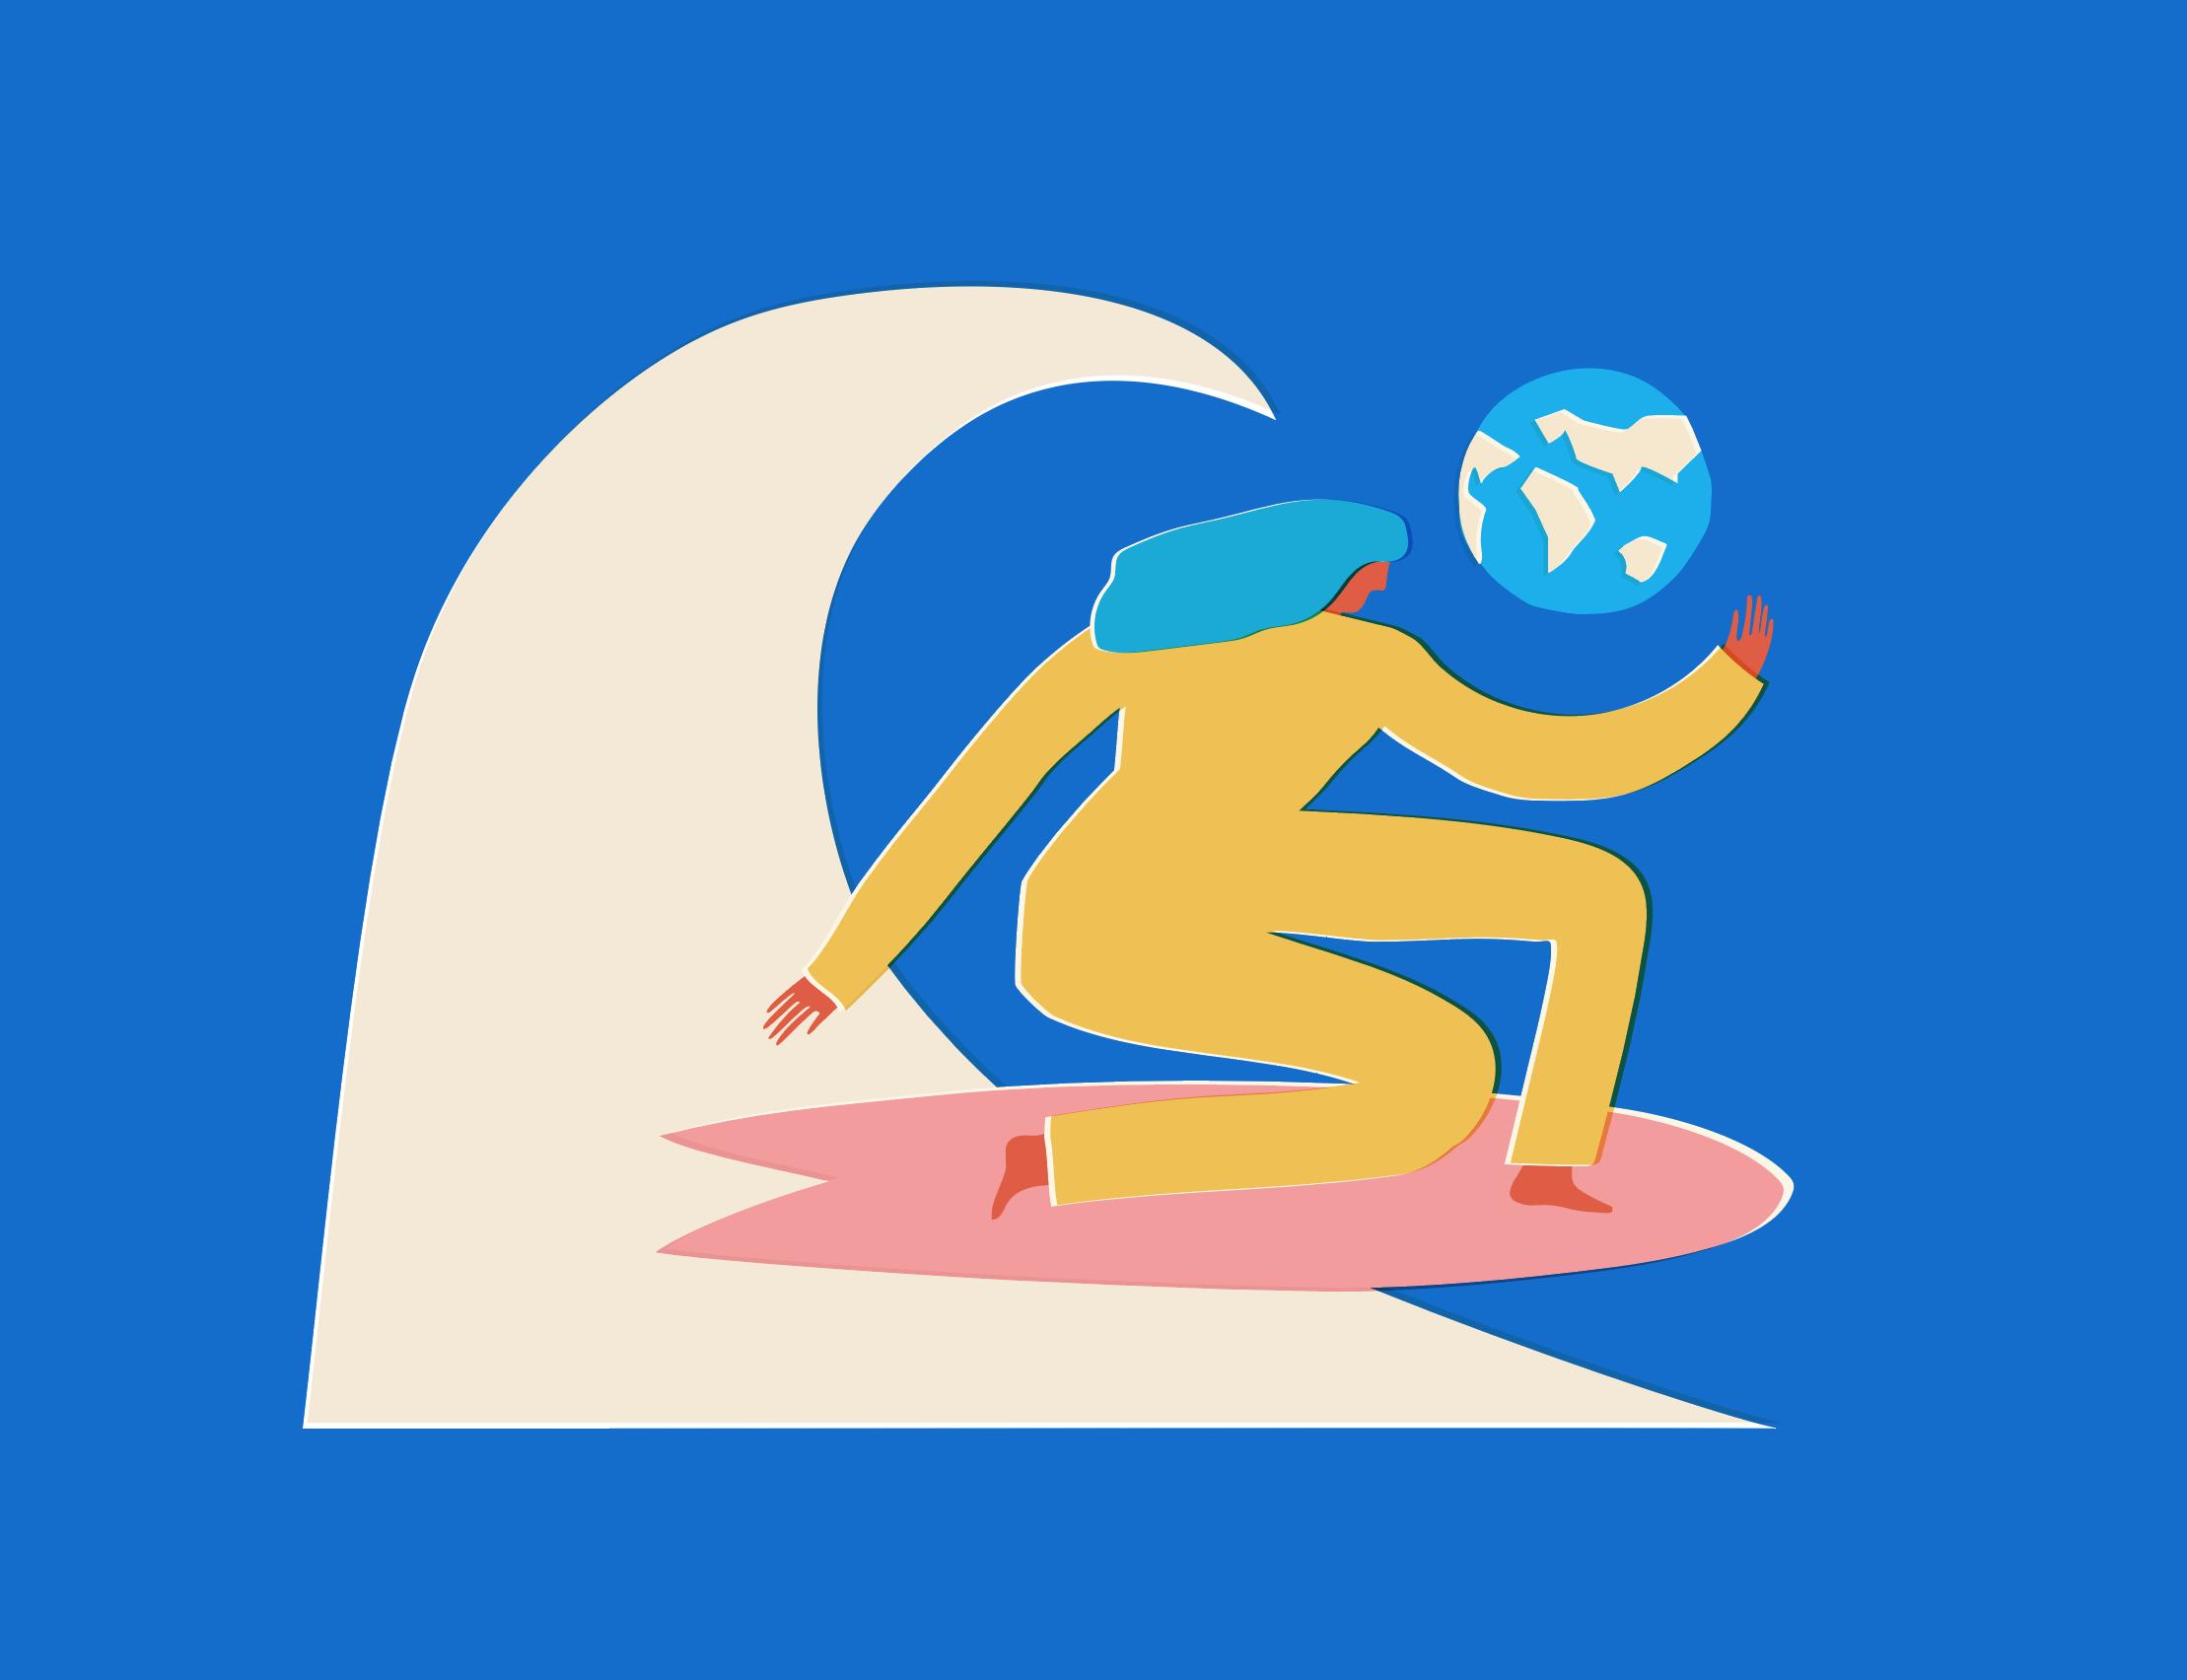 honeyandrust_viscayawagner_dysfunctional-surf-Illustration.png